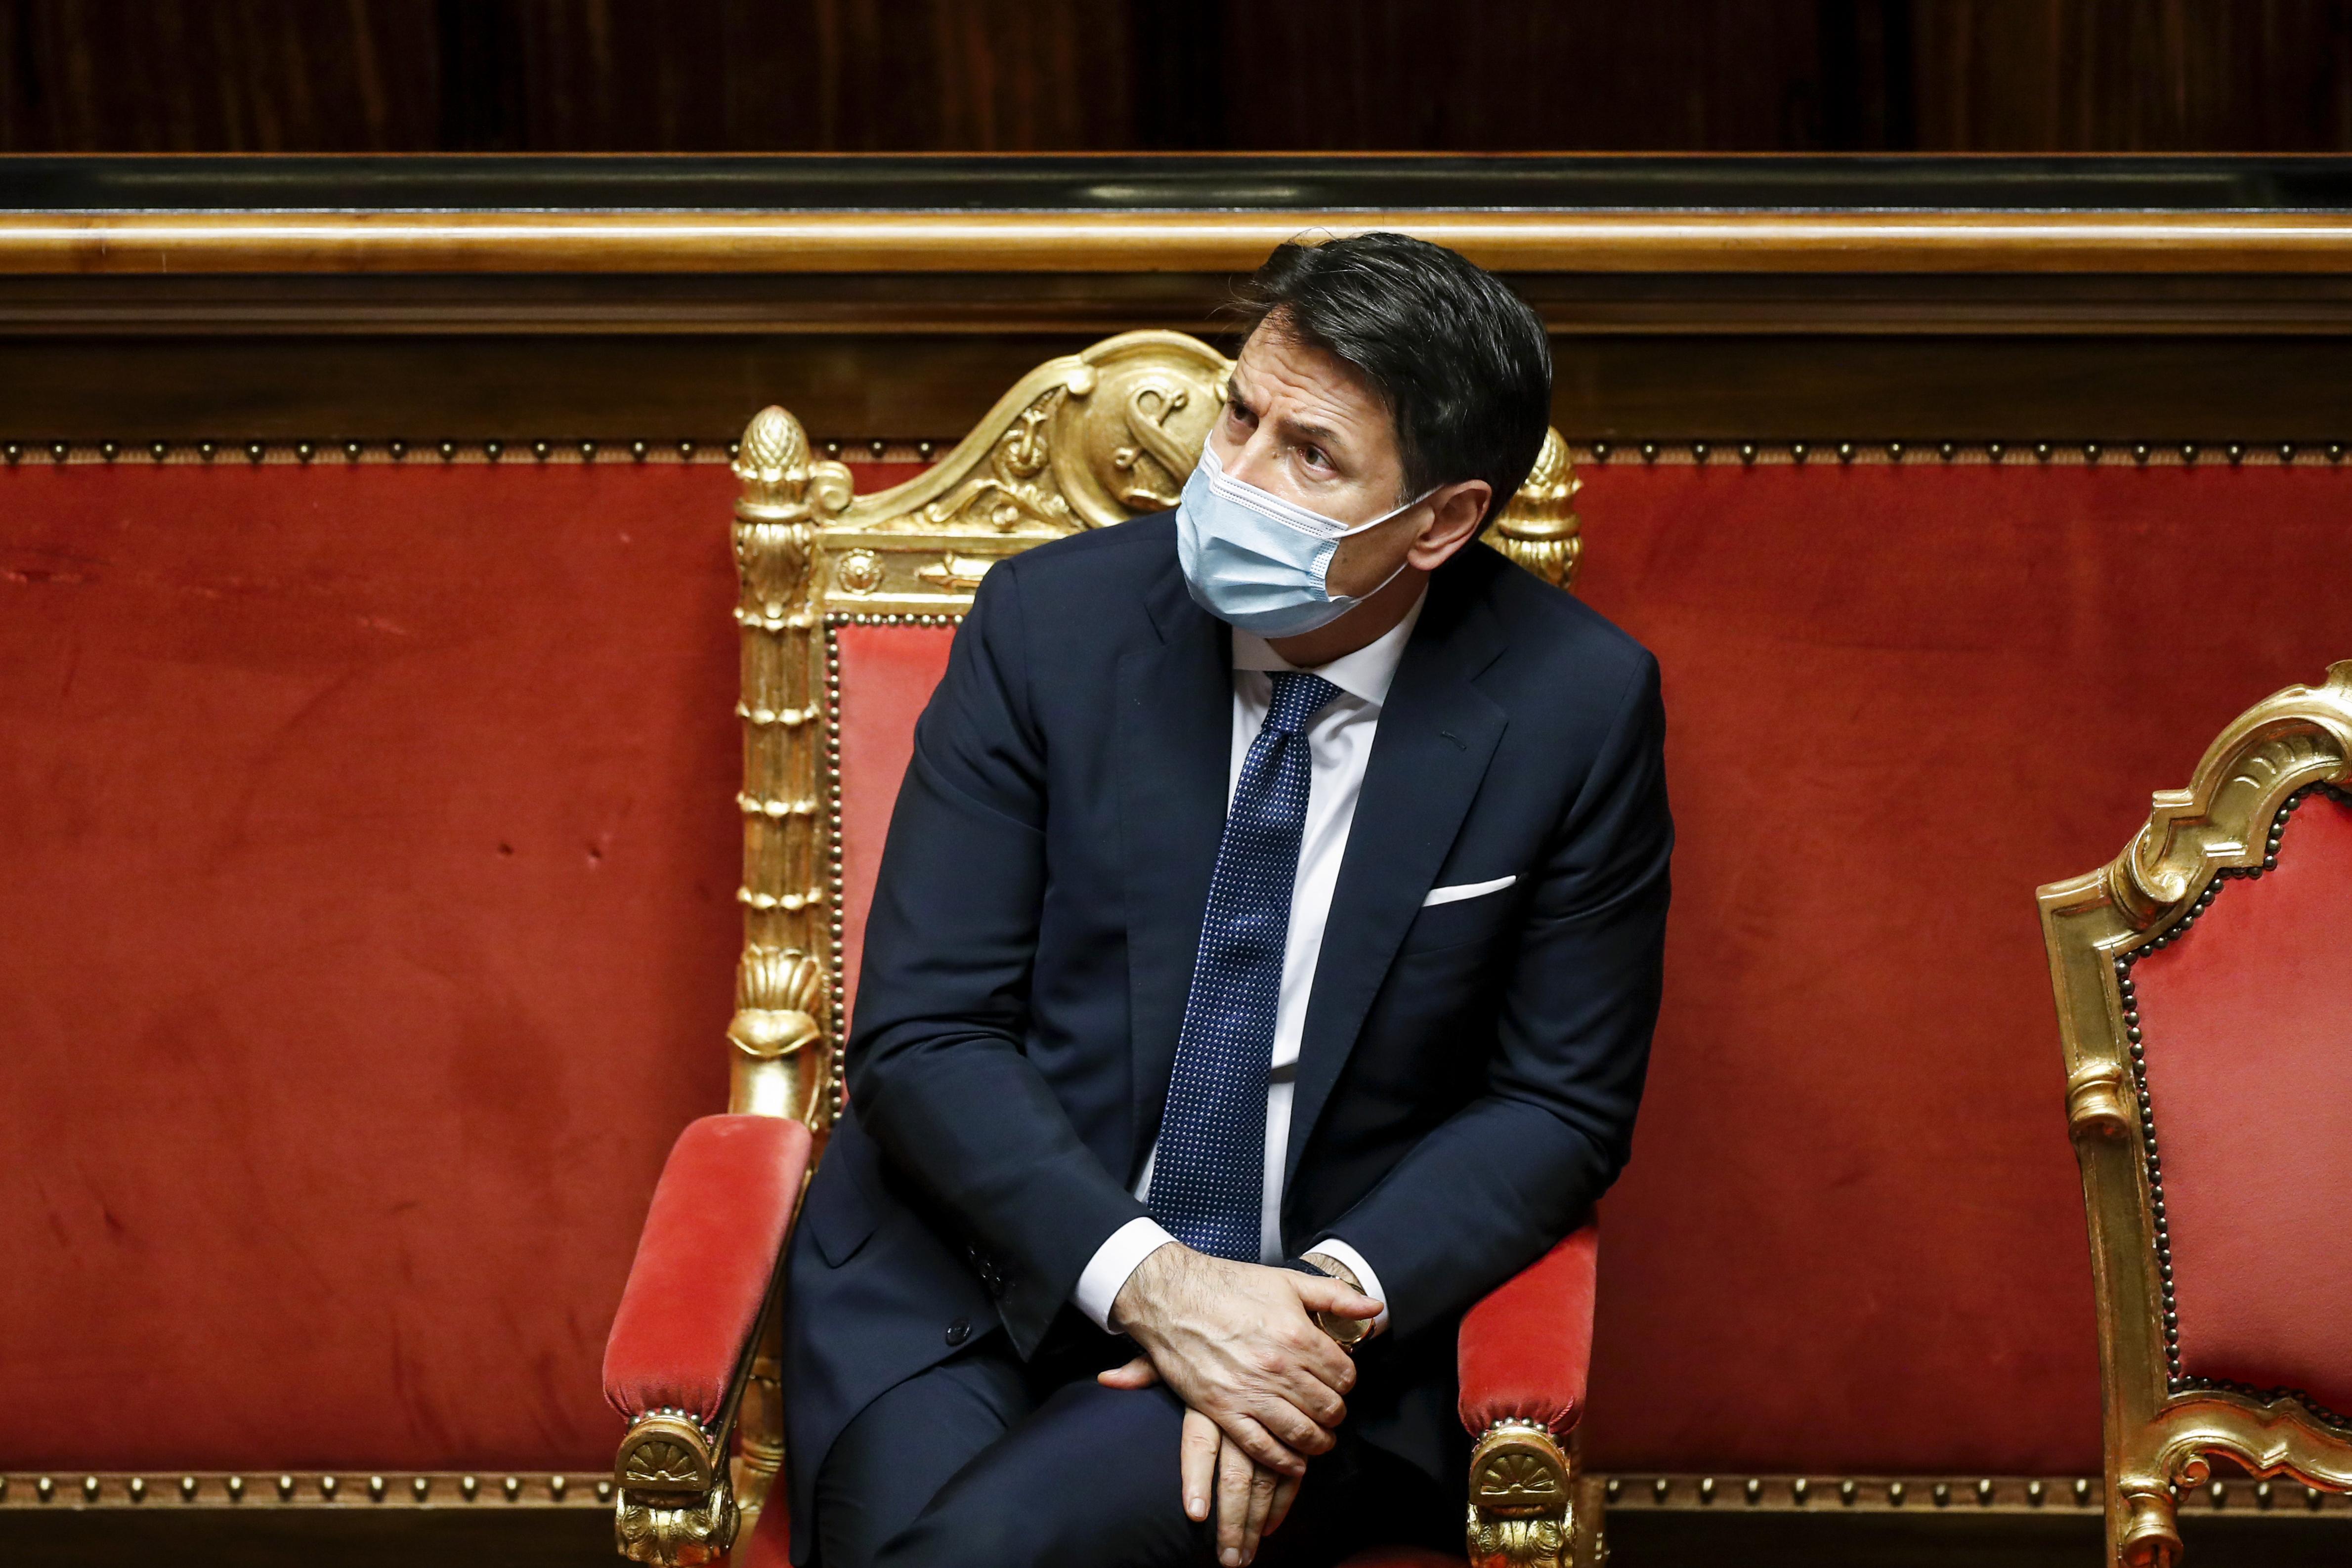 Lemond az olasz miniszterelnök, de abban bízik, hogy újra kormányt alakíthat